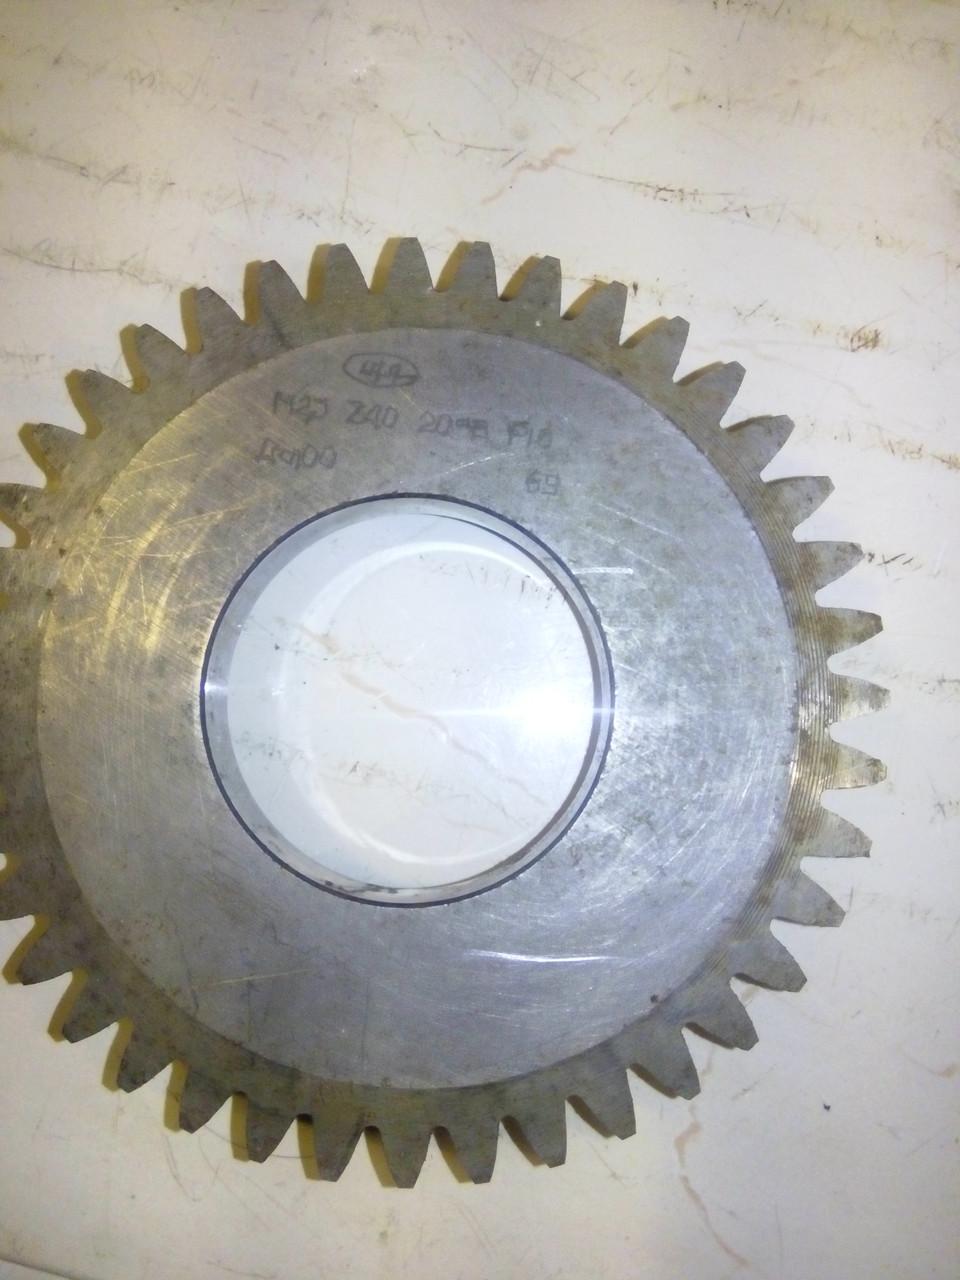 Долбяк дисковый М 2,5z40 d20 град  P18 дел. диаметр100